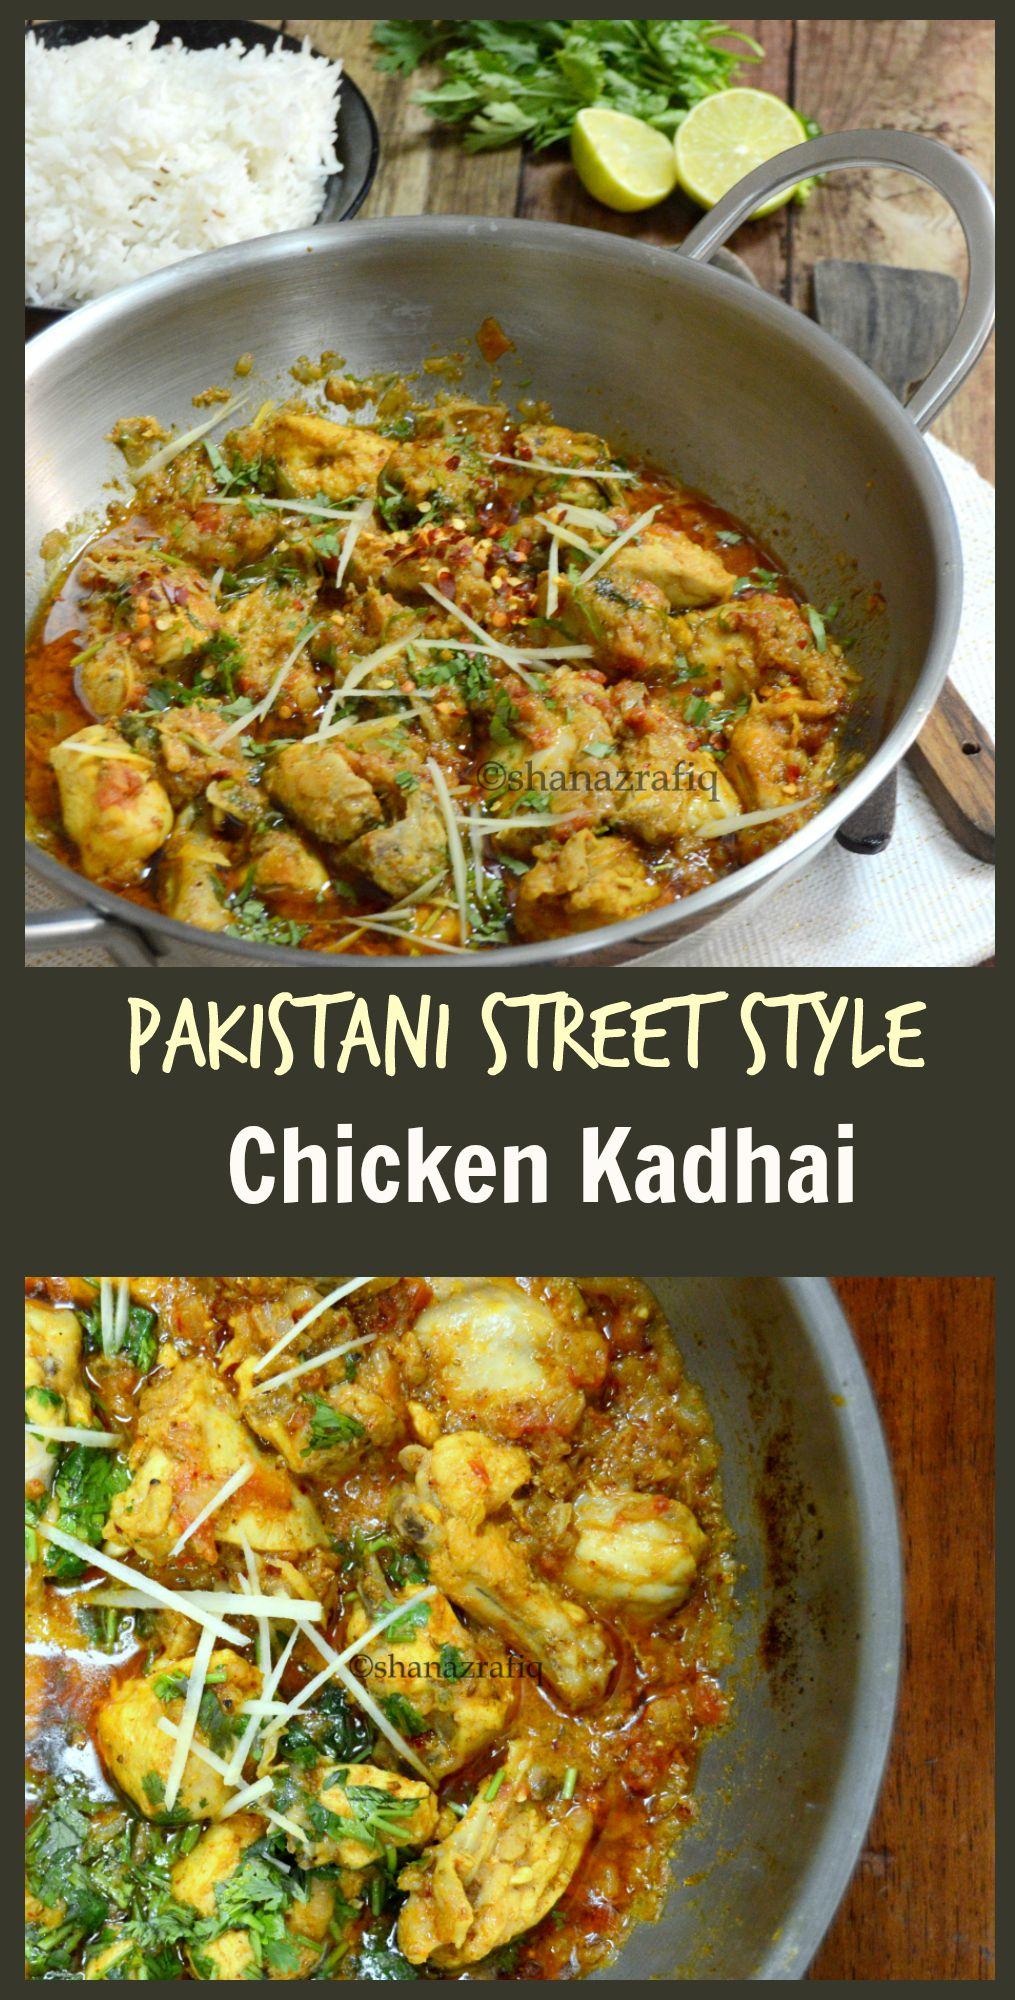 Pakistani Street Style Chicken Kadai Indian Food Recipes Pakistani Dishes Pakistan Food